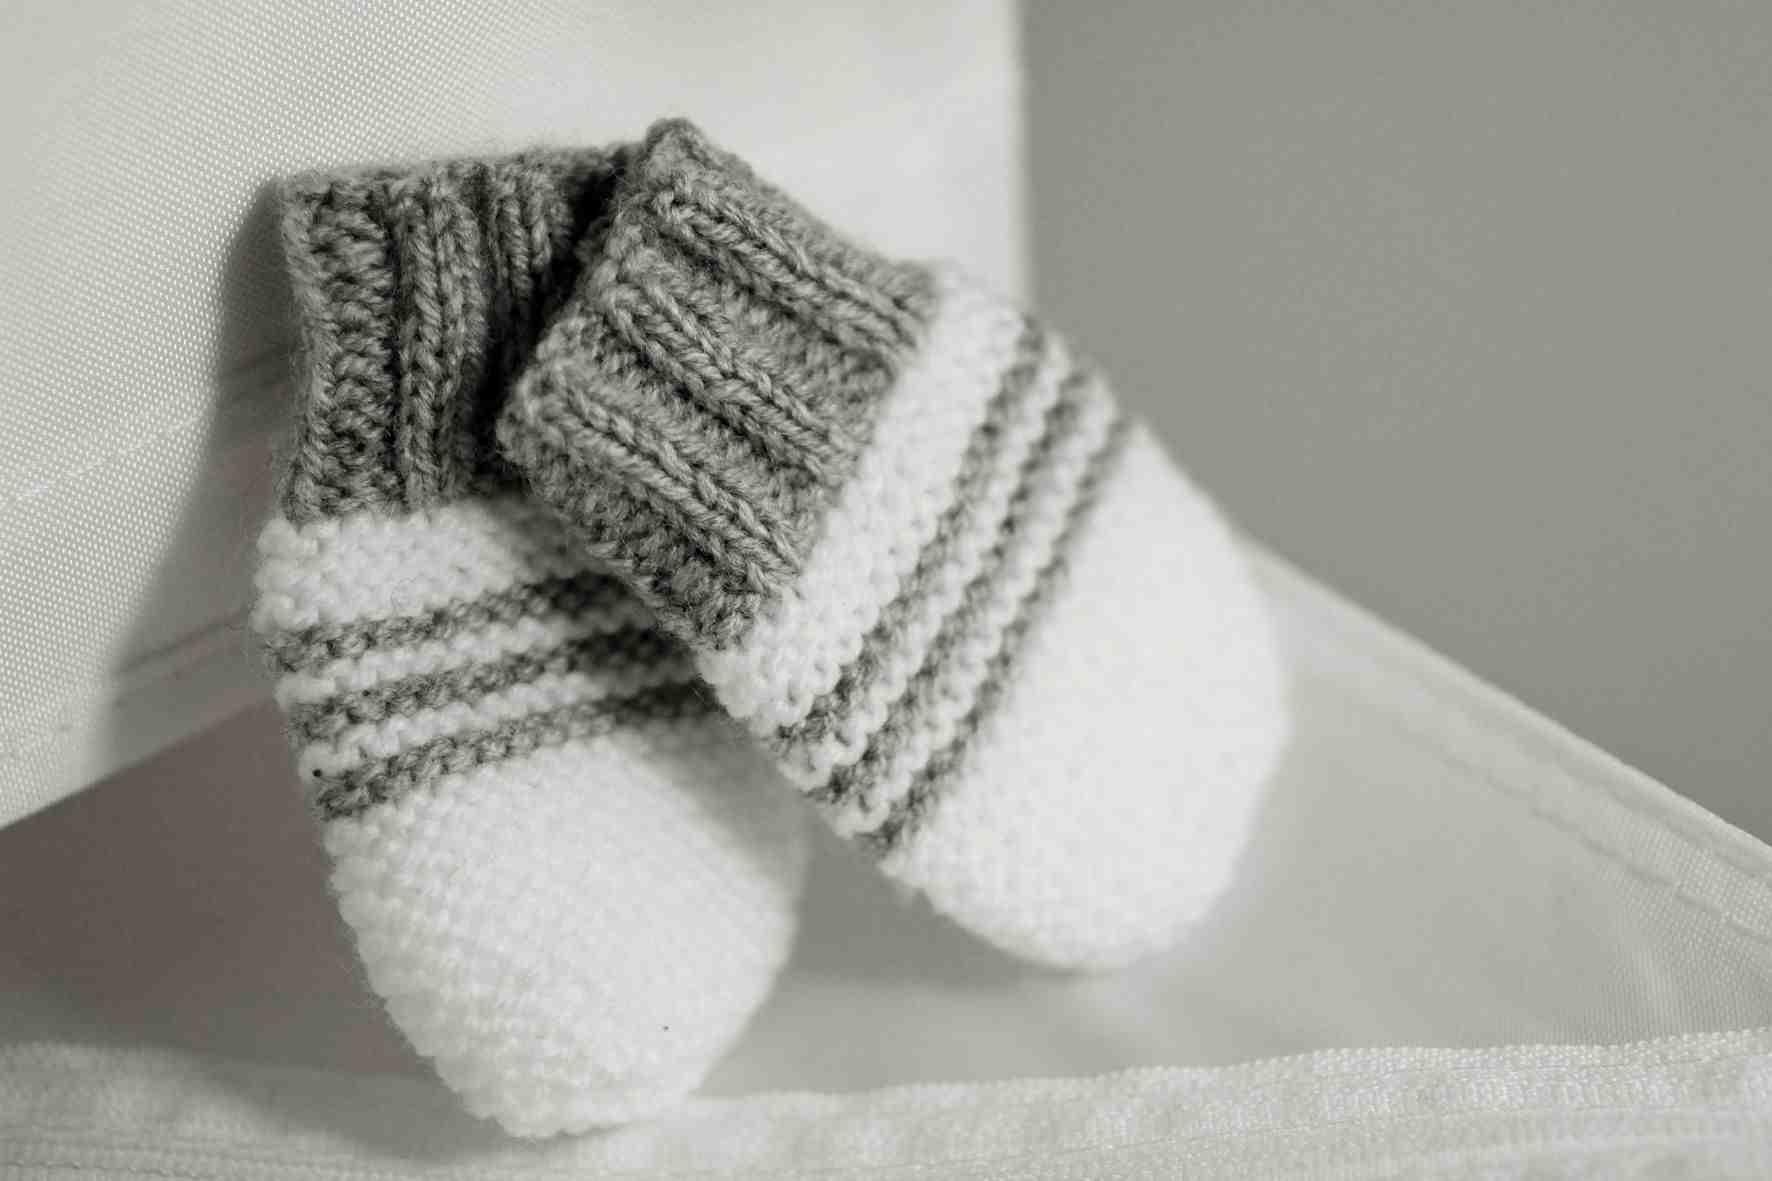 Comment faire des gants avec les doigts?